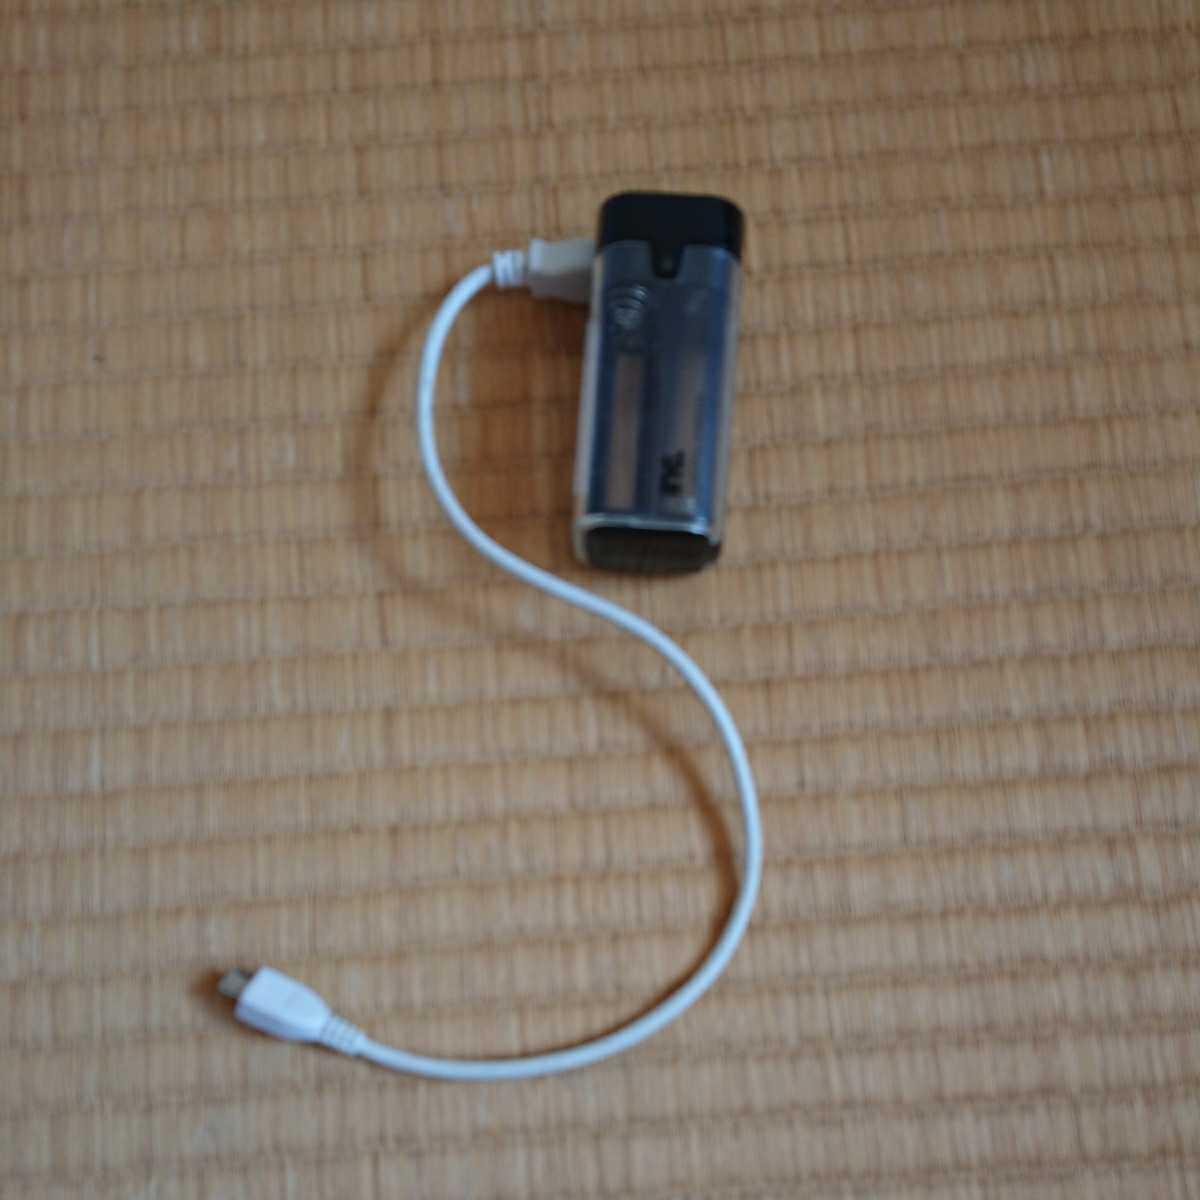 非常用 USB充電器 単3乾電池 4本使用_画像1